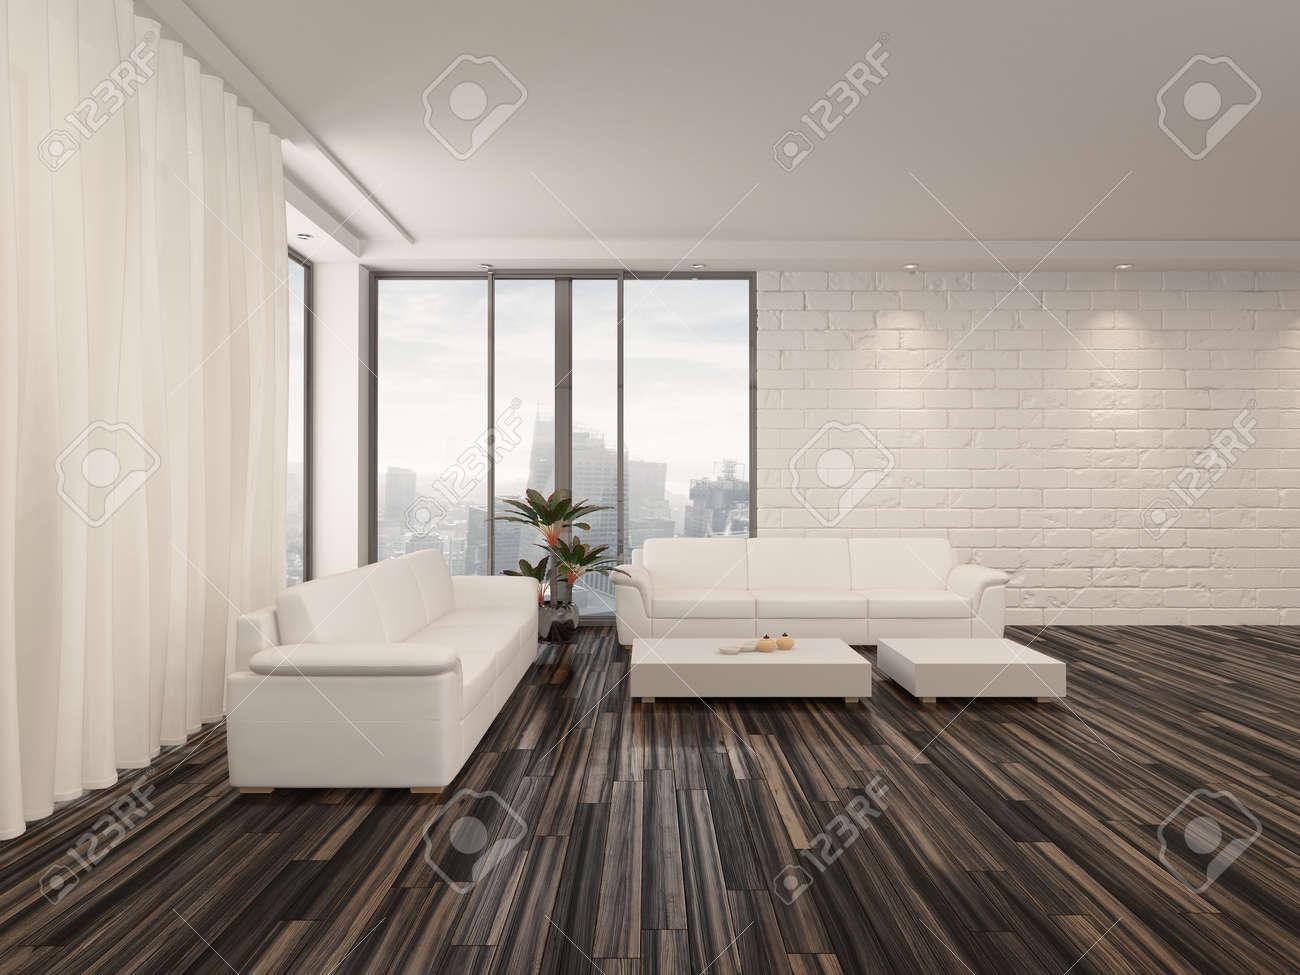 Moderna camera minimalista salotto interno con un nudo pavimento ...